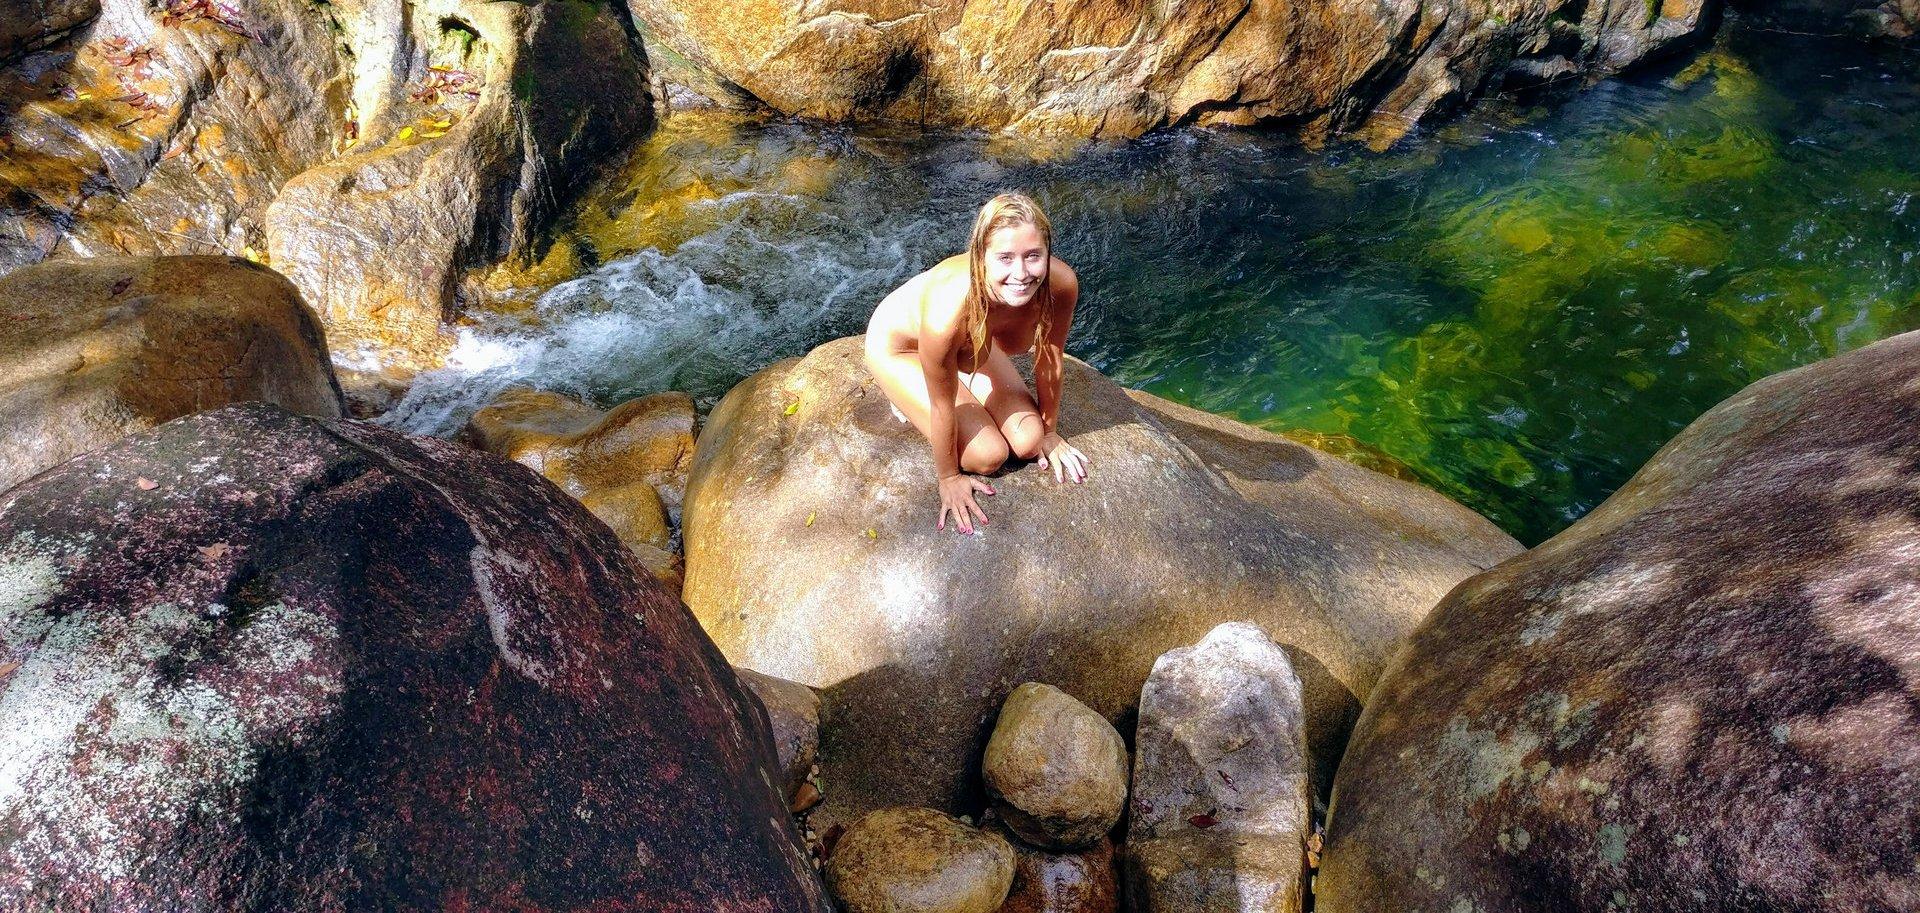 Stella Cordes Anakedgirl Nudes Leaks 0064